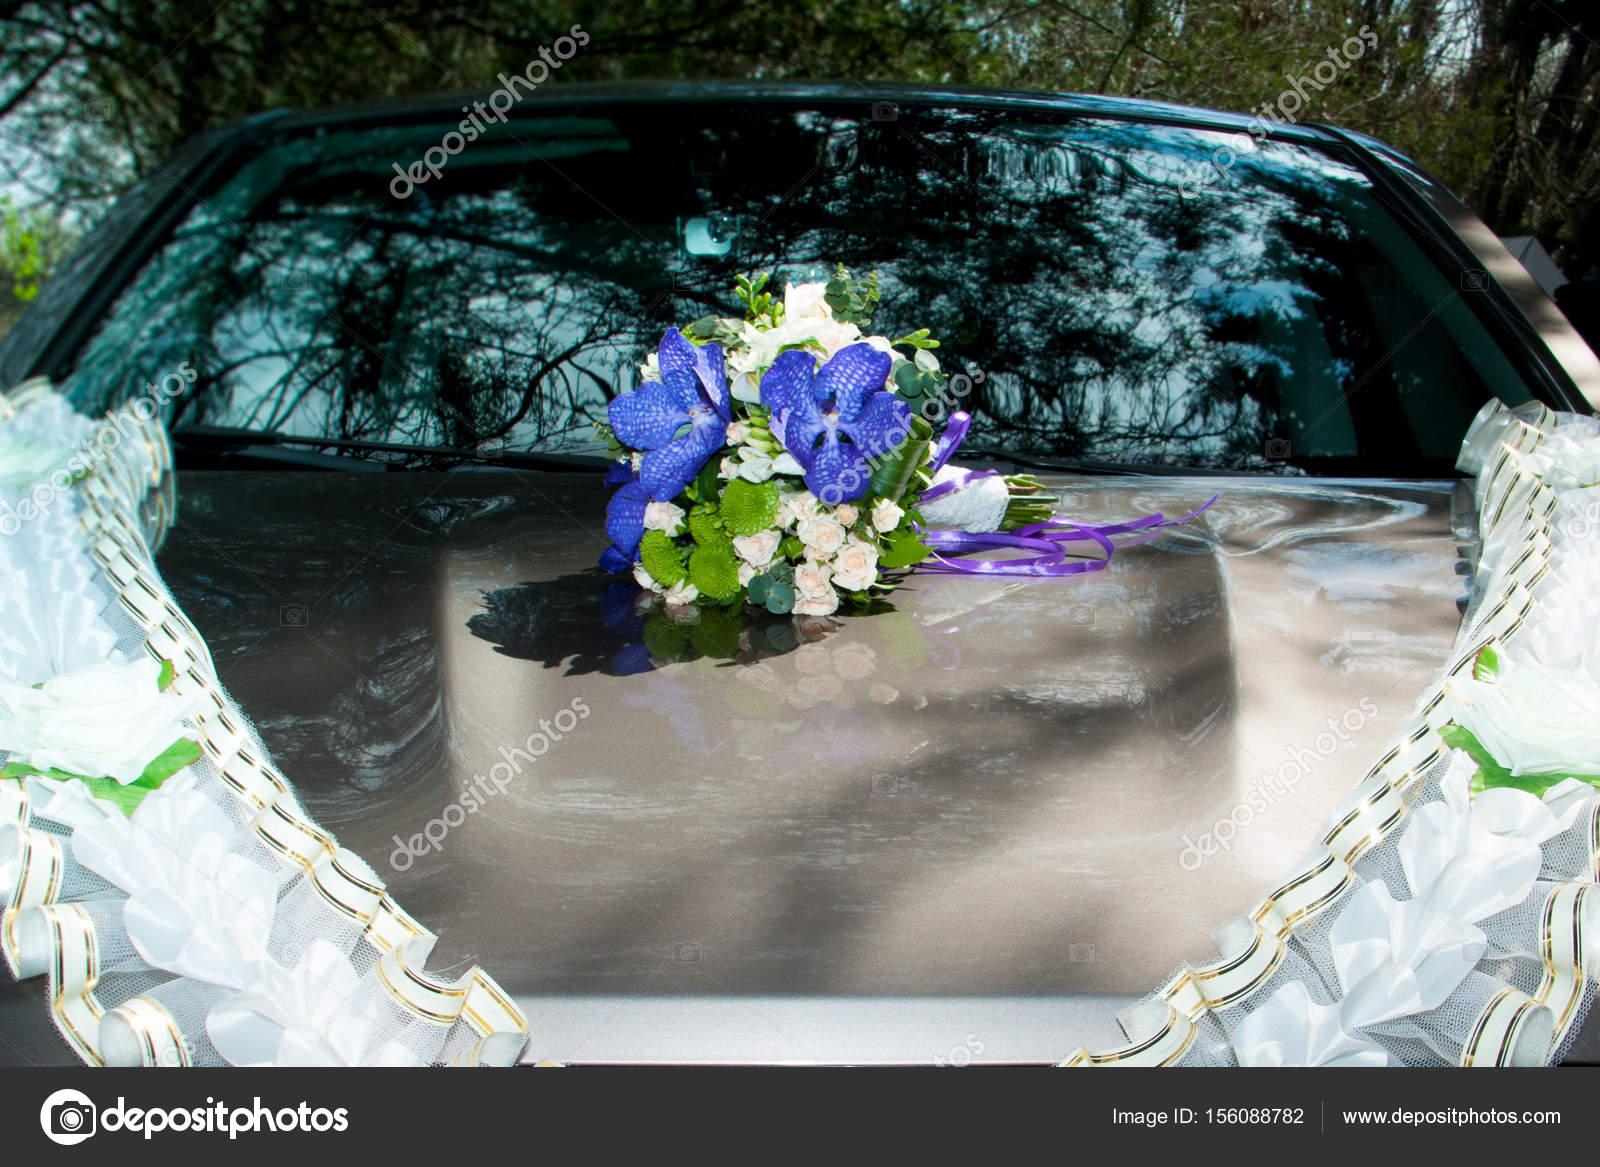 Auf Der Motorhaube Des Autos Liegt Hochzeit Blumenstrauss Stockfoto